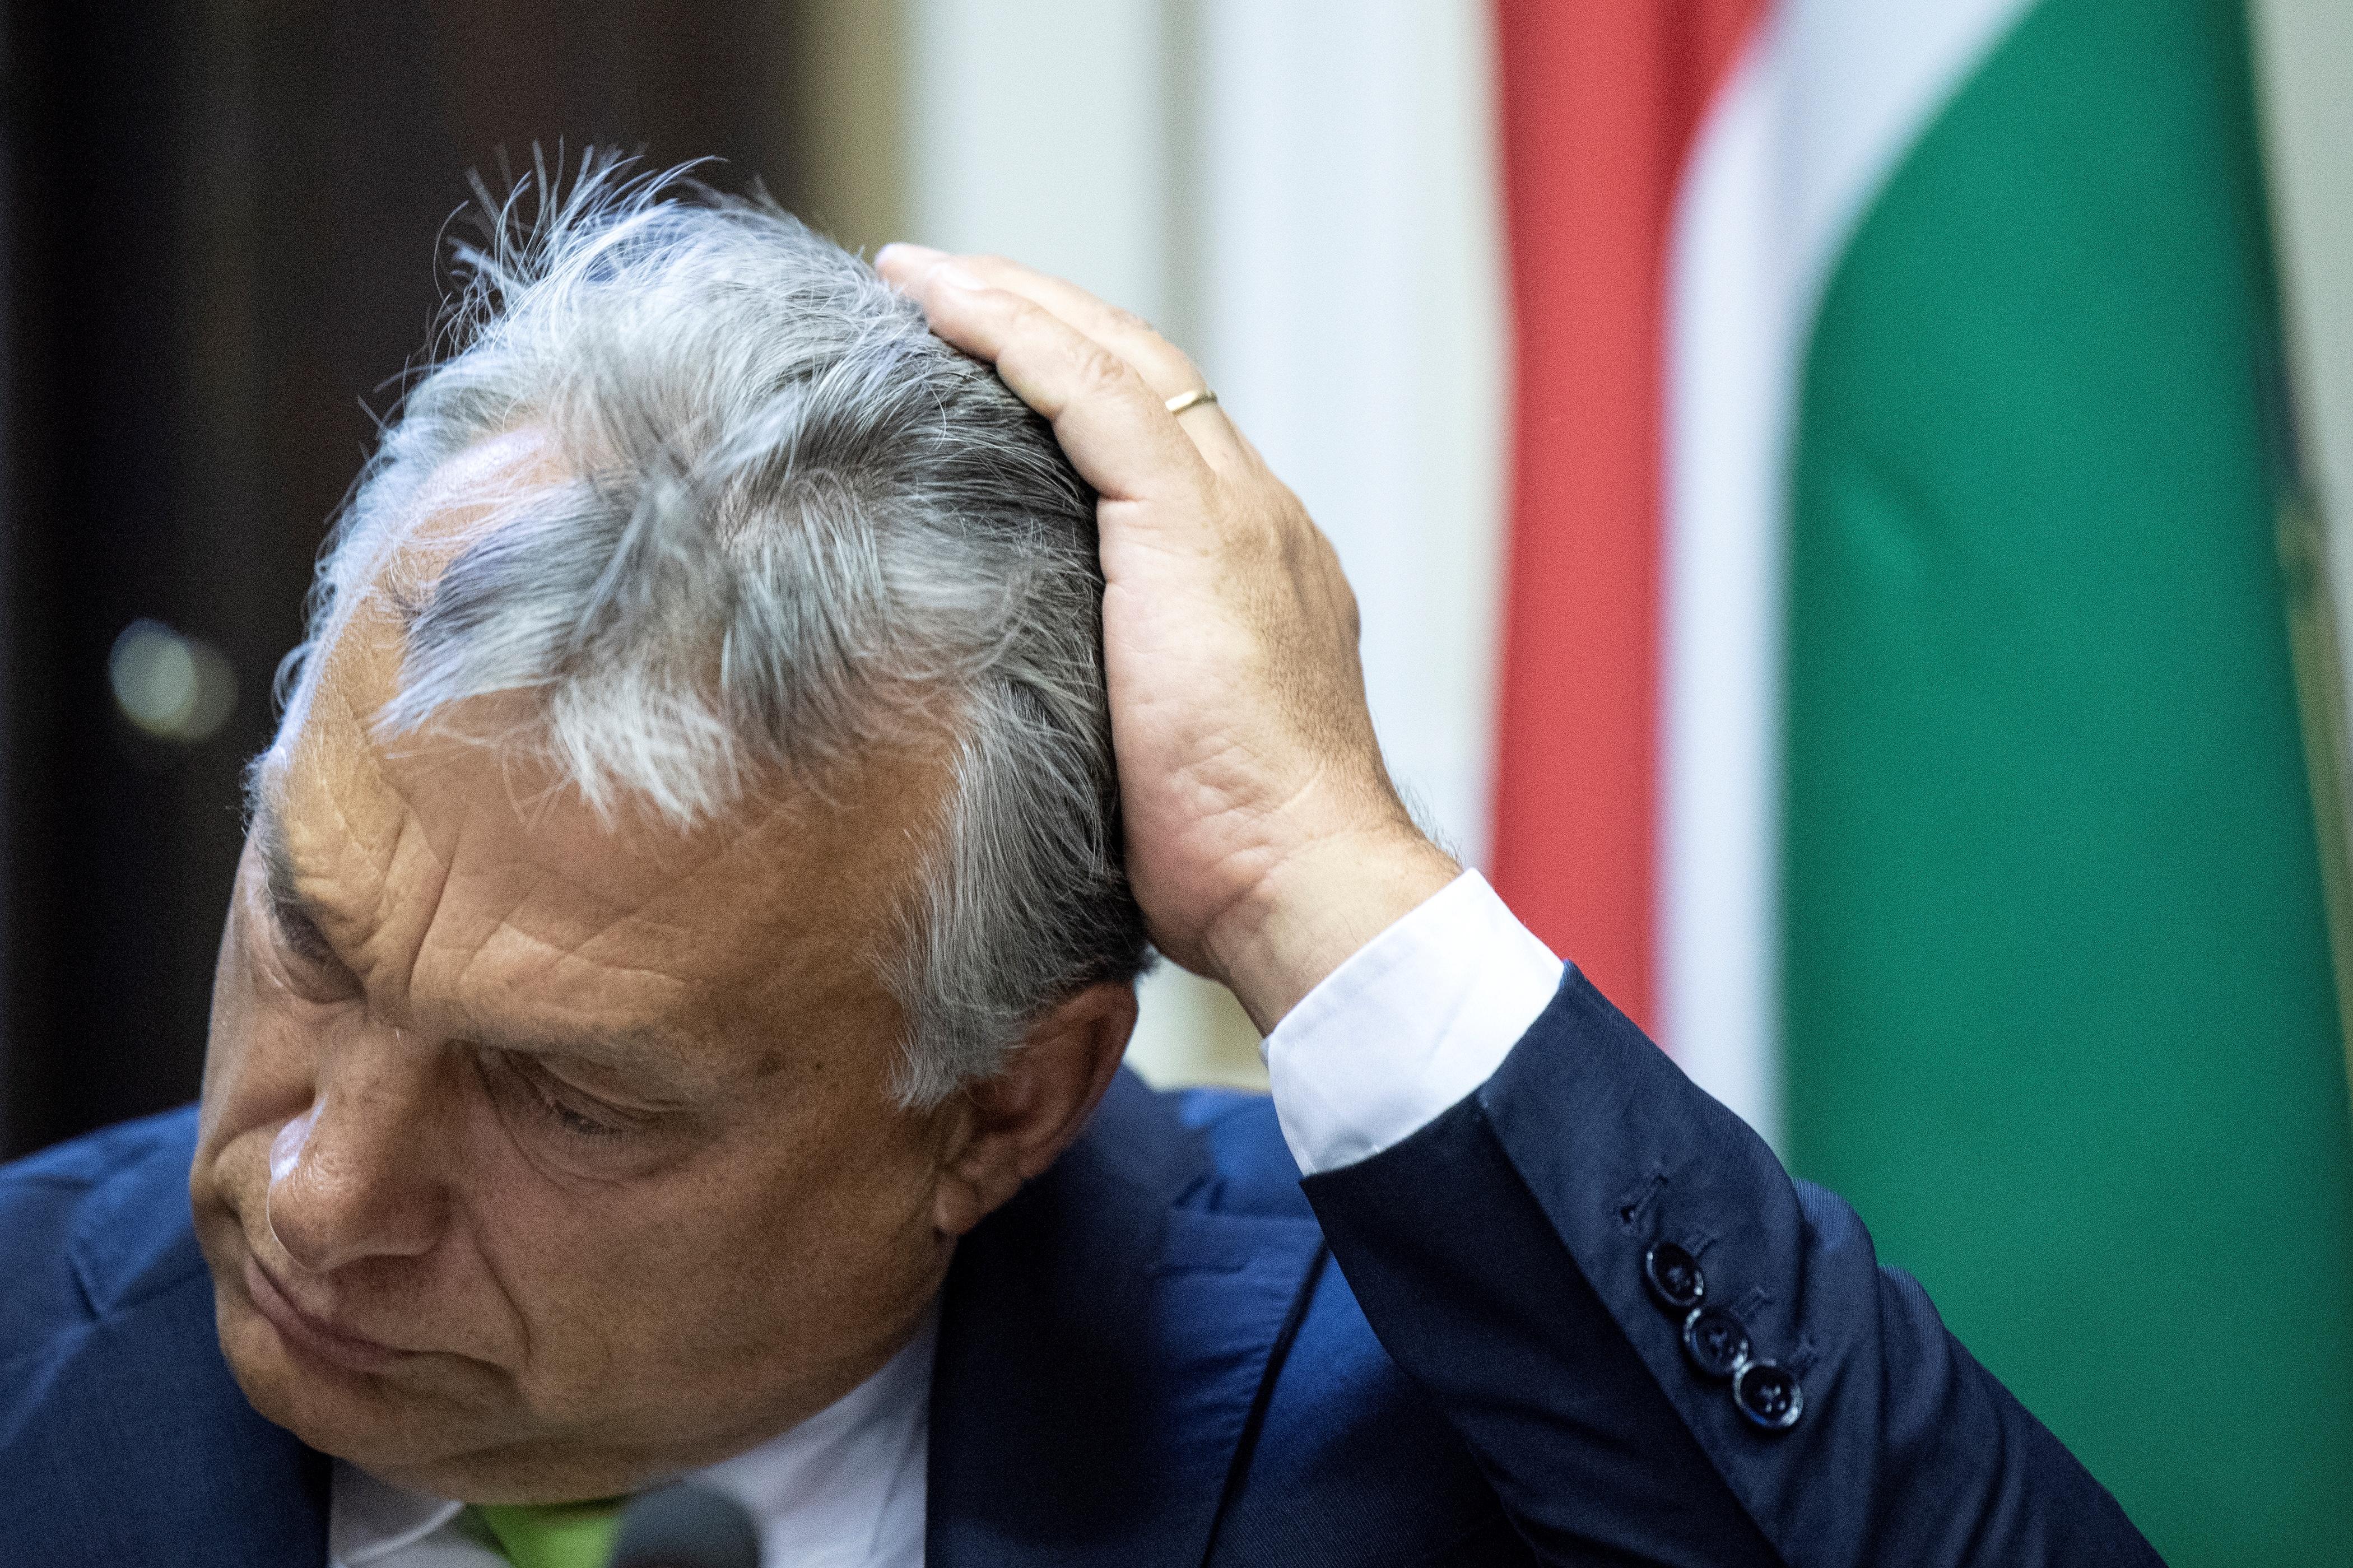 Vekerdy nyílt levélben üzent Orbánnak: Mi a te kereszténységed?